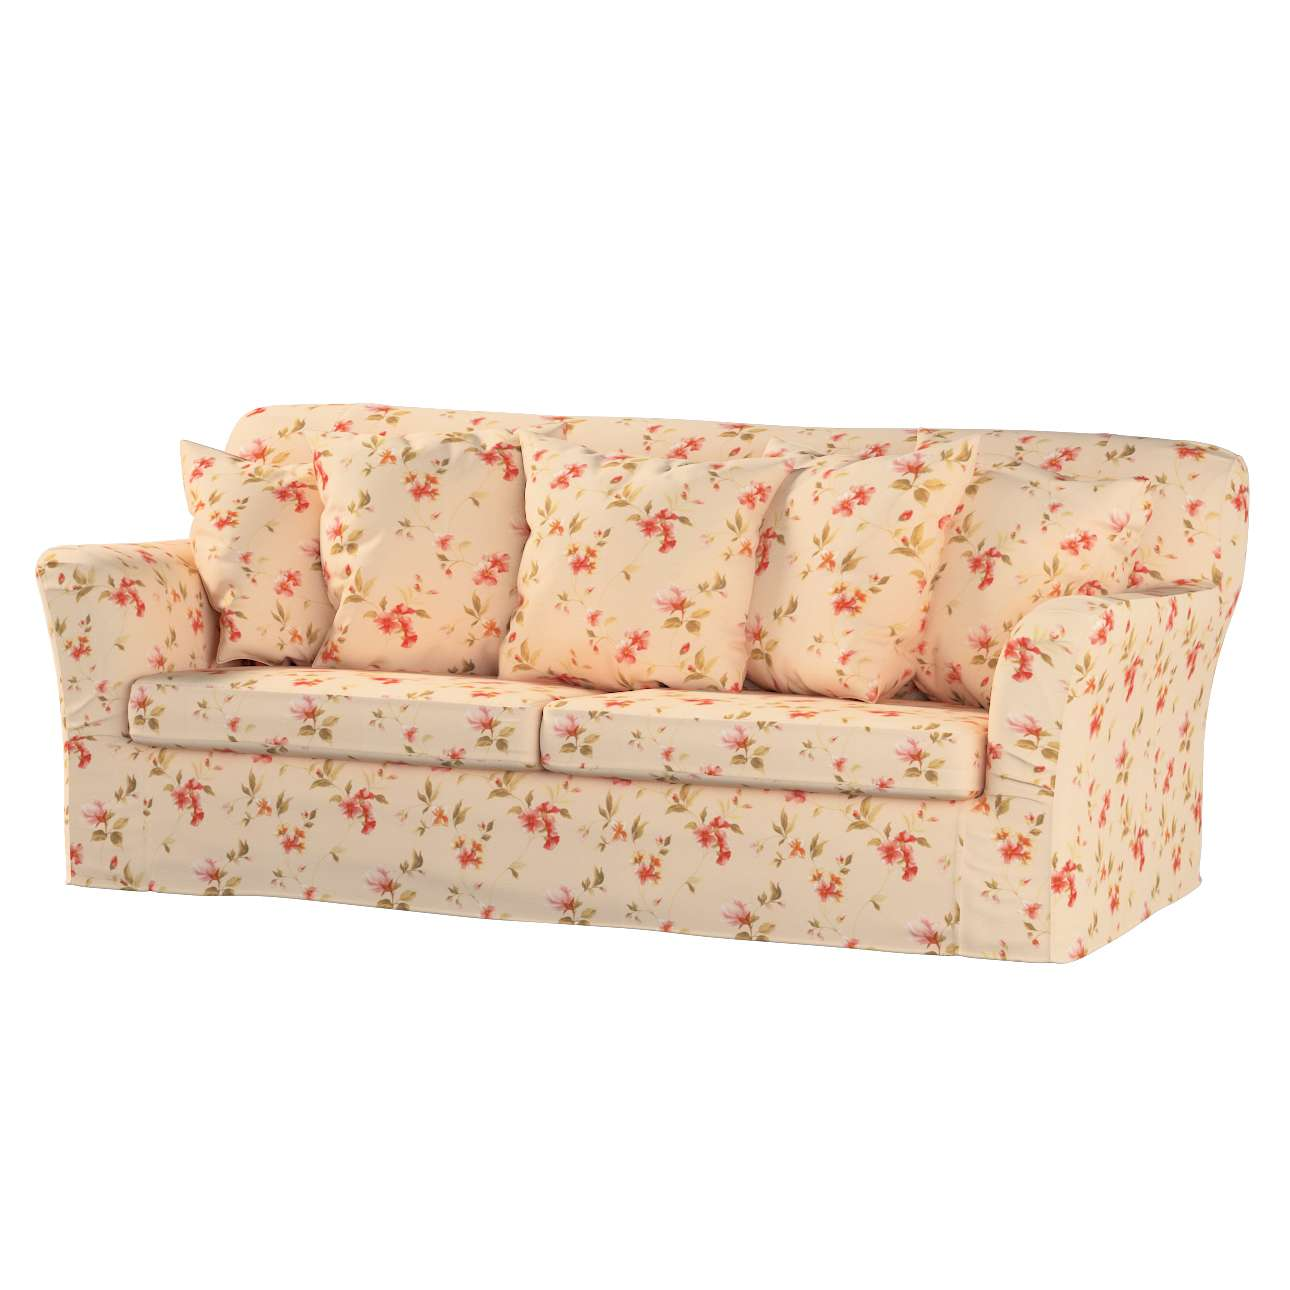 Pokrowiec na sofę Tomelilla 3-osobową rozkładaną Sofa Tomelilla rozkładana w kolekcji Londres, tkanina: 124-05